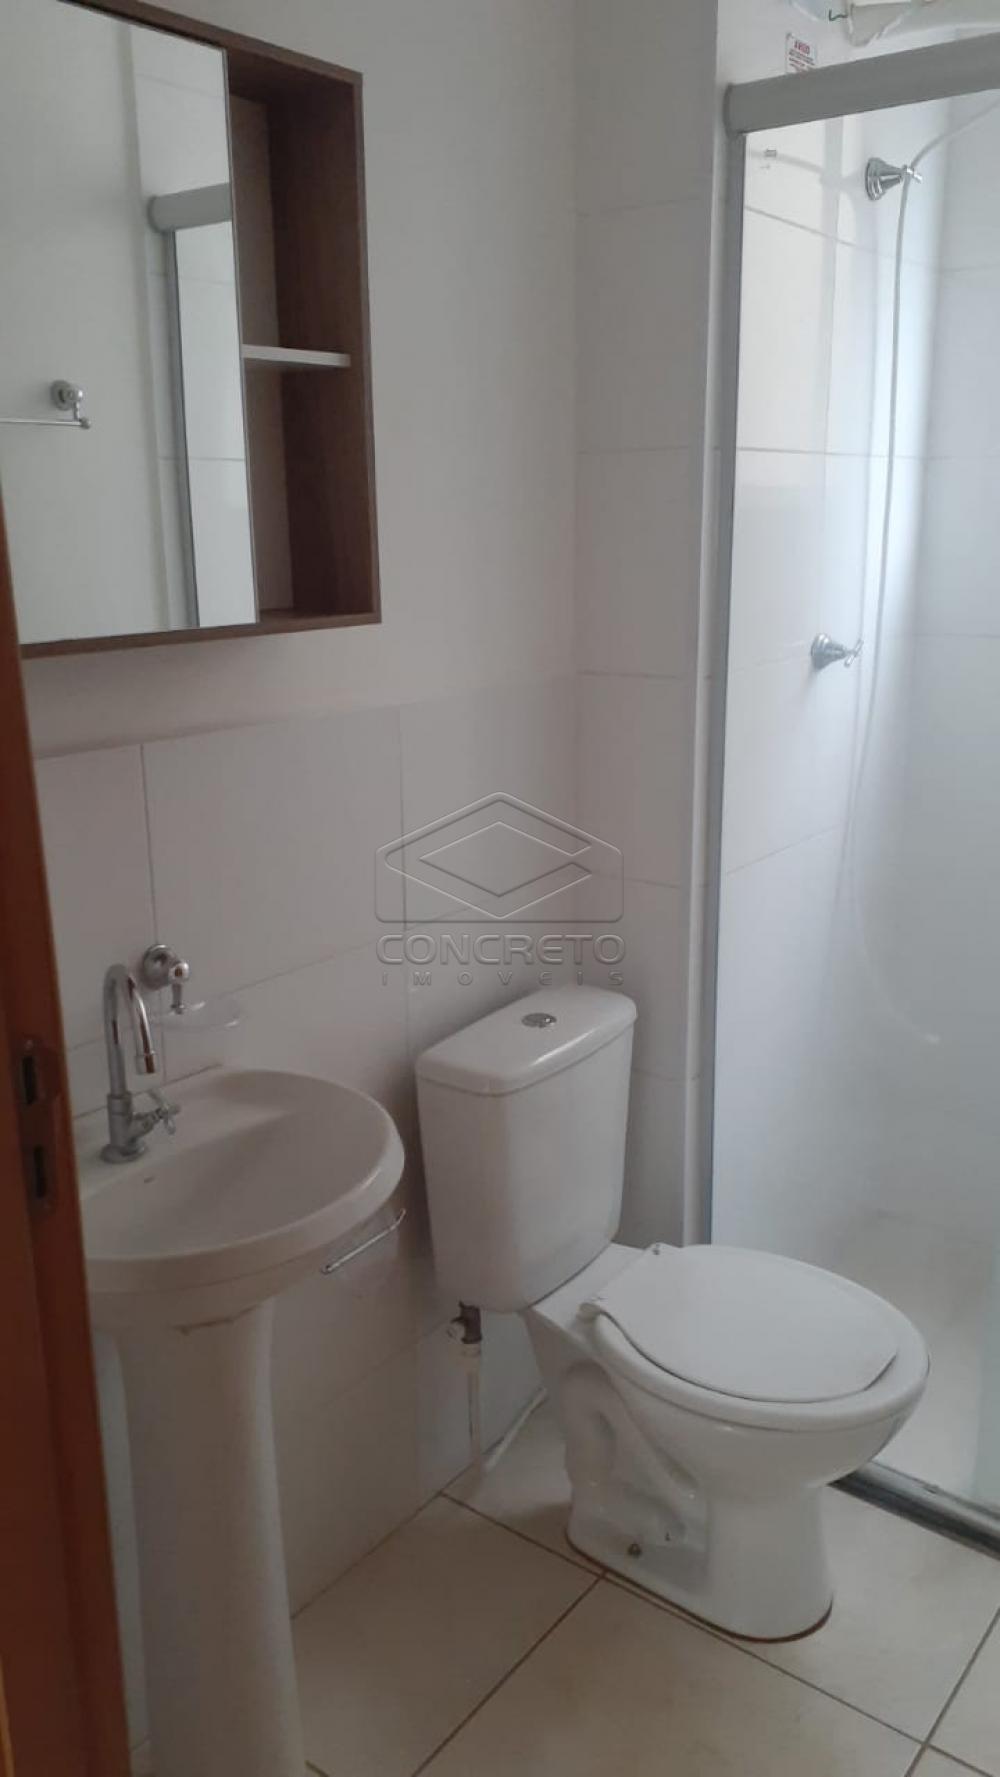 Alugar Apartamento / Padrão em Bauru R$ 790,00 - Foto 7